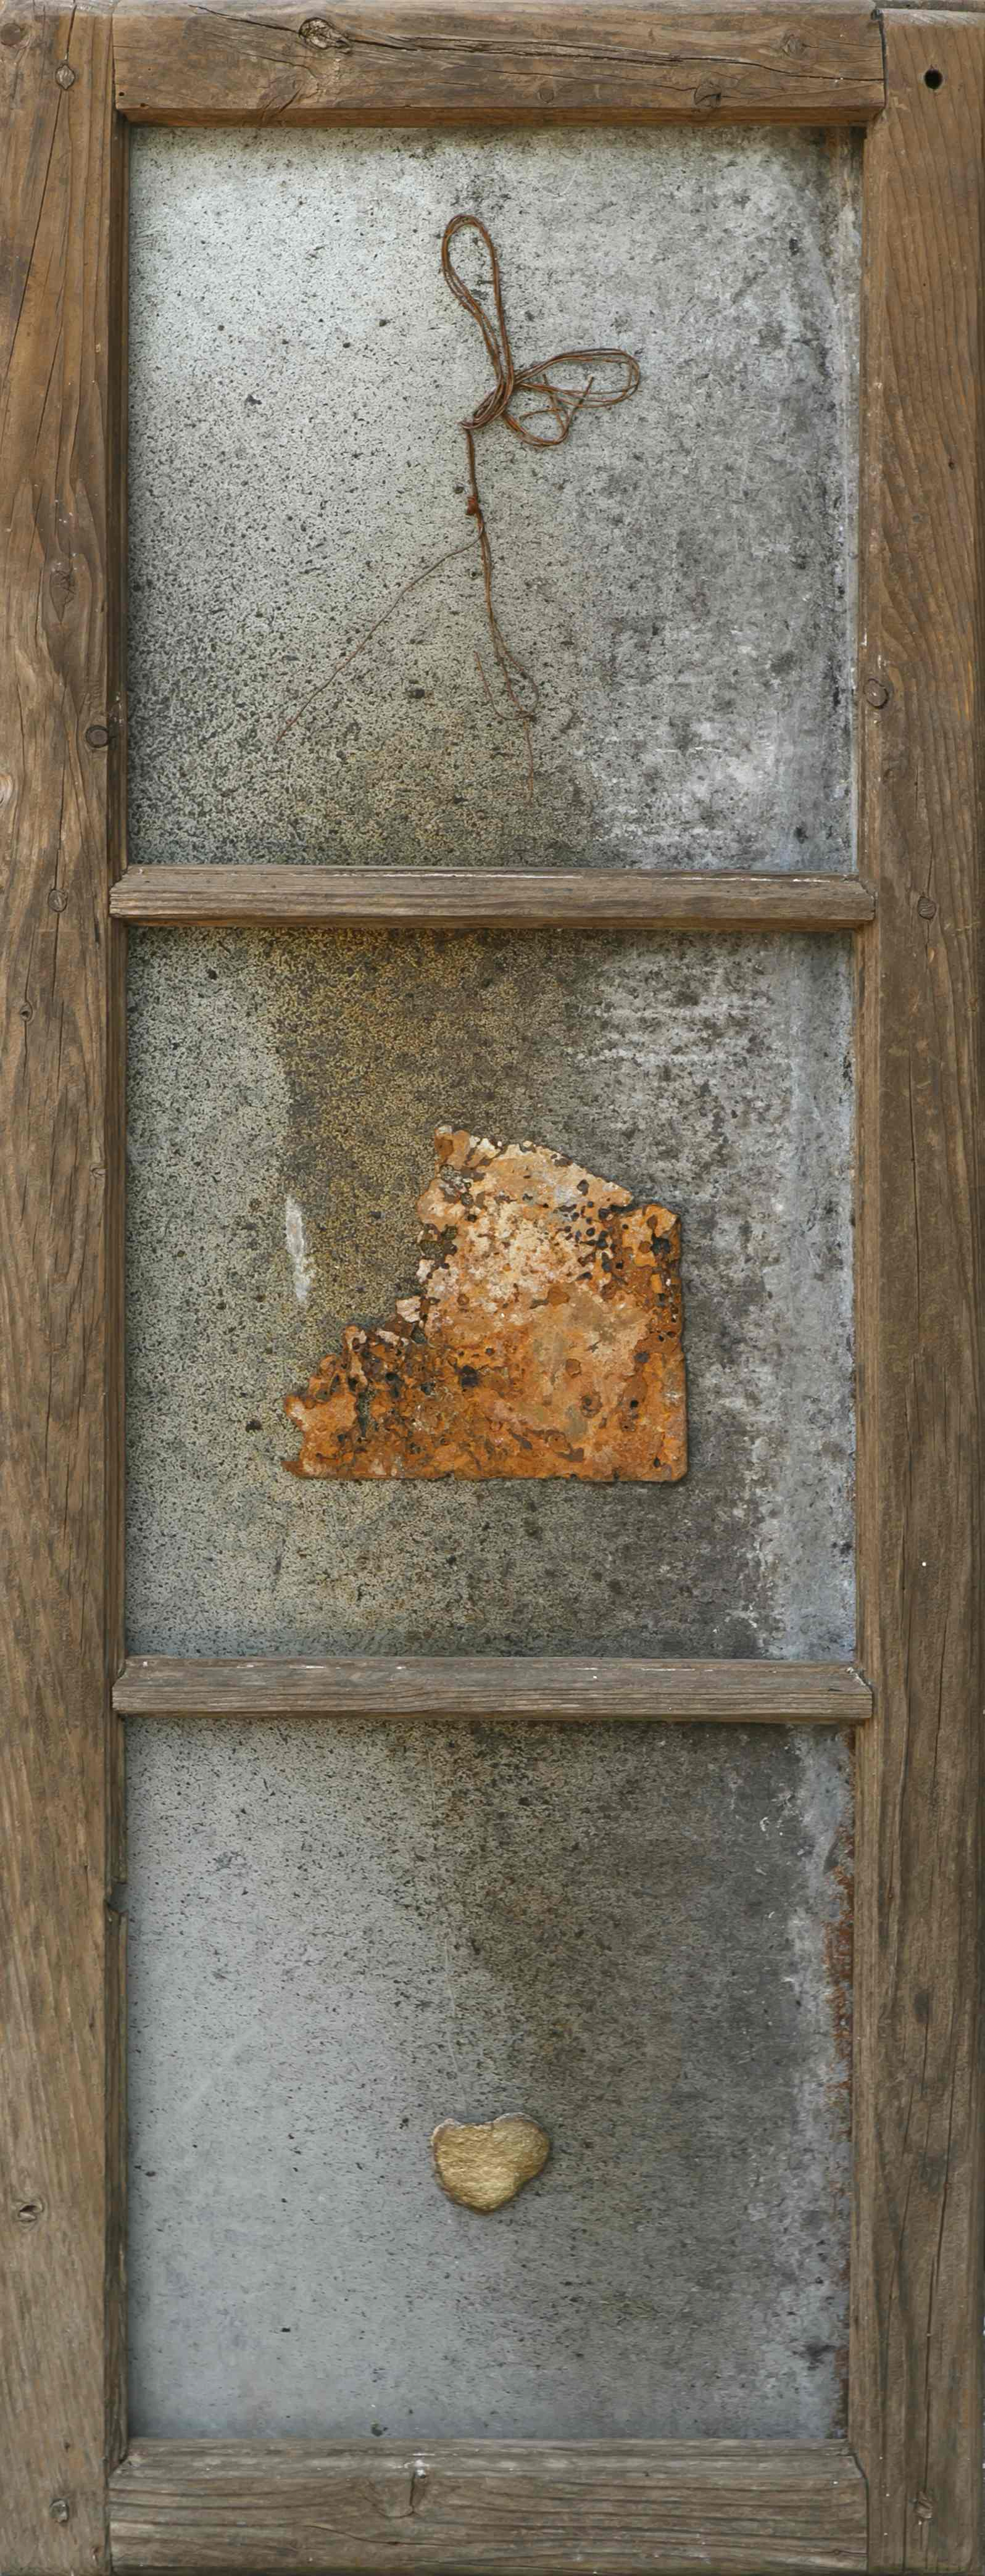 Viaggio nel tempo, ferro su telaio in legno, 105x39, 2002